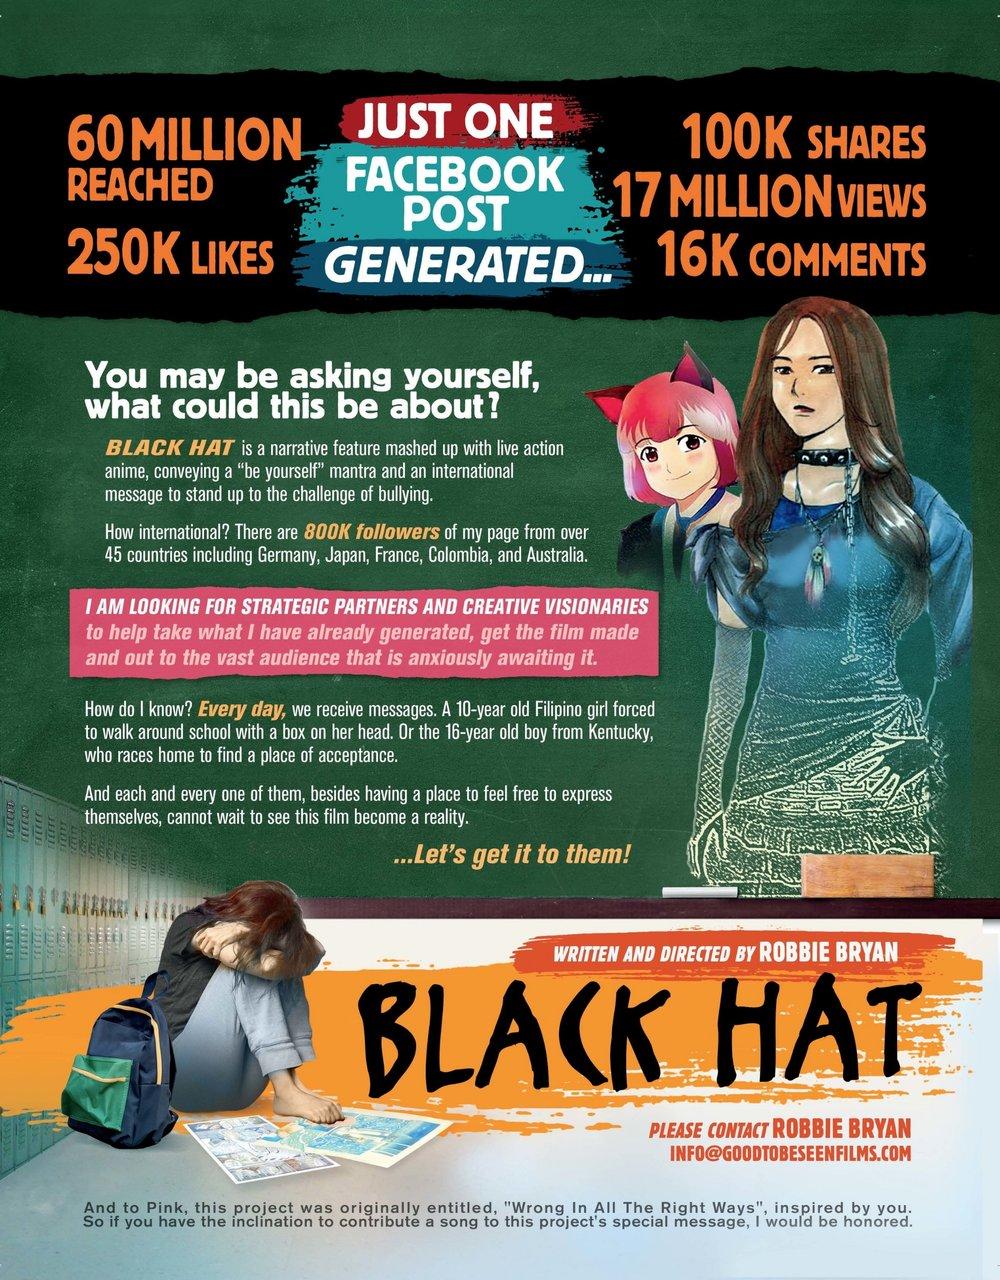 BLACKHAT_AD.jpg